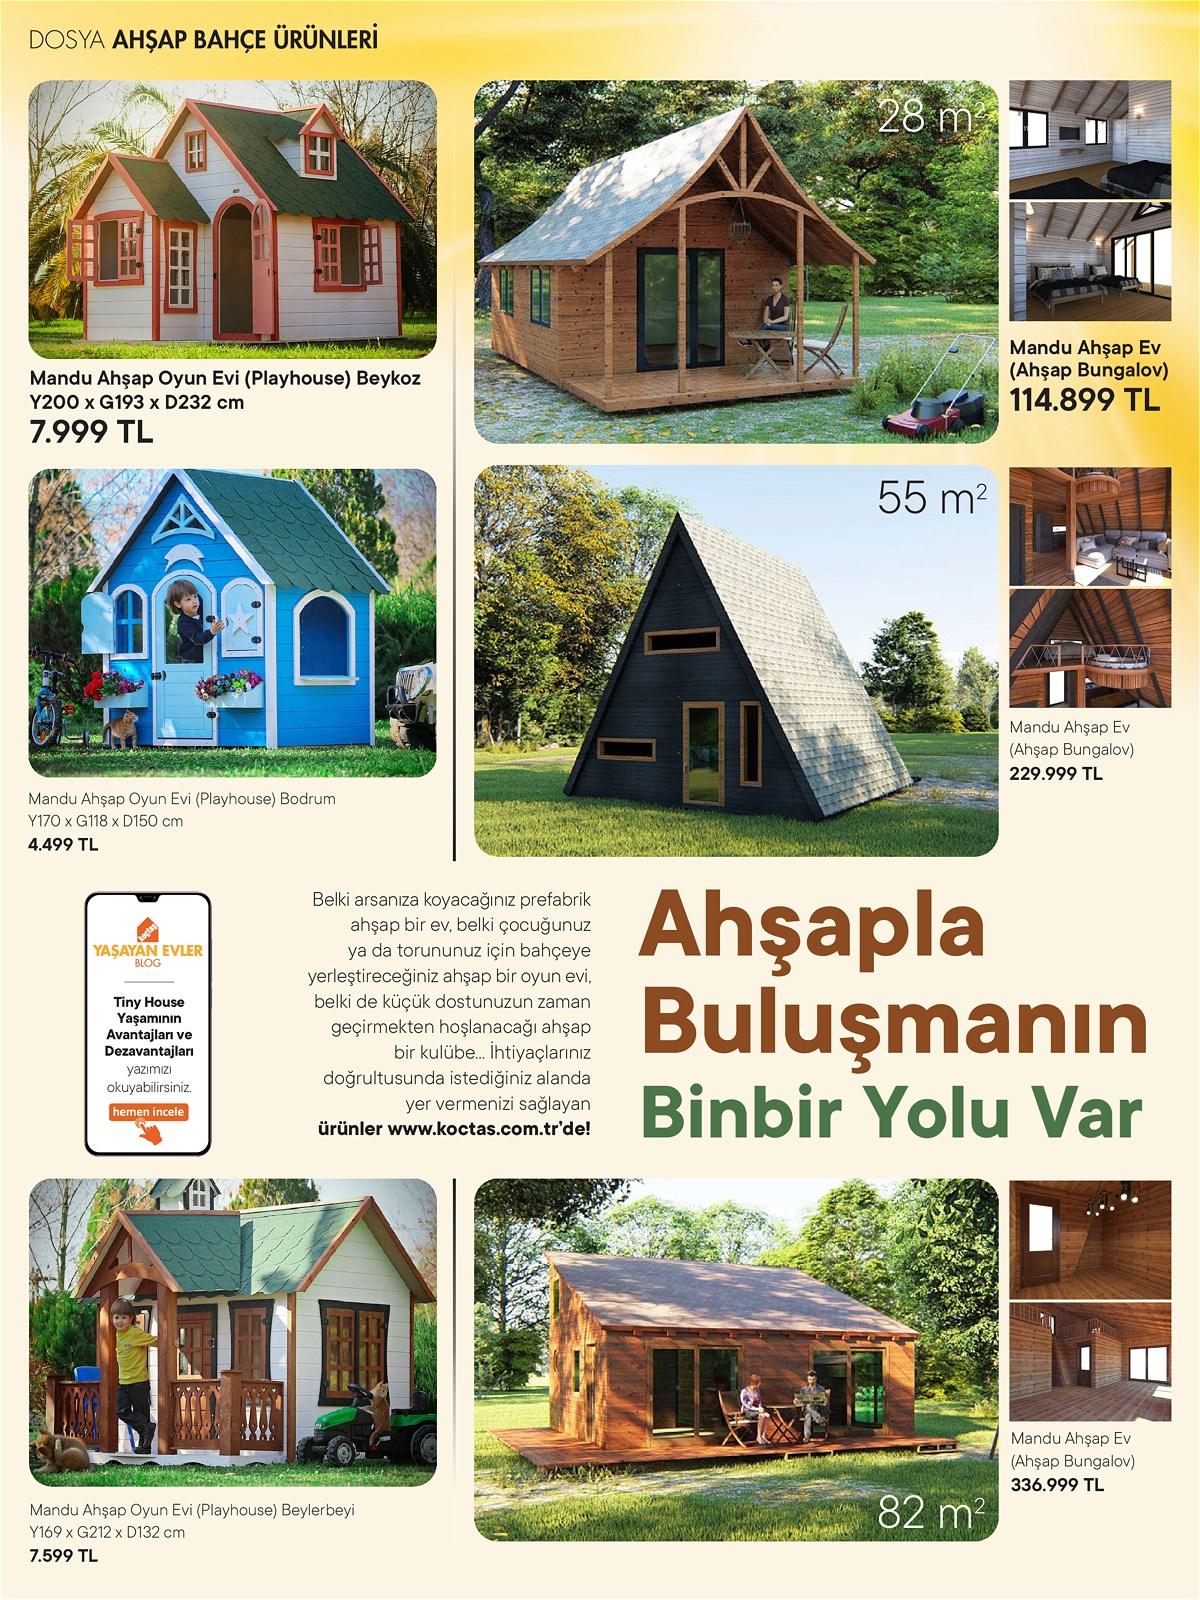 29.05.2021 Koçtaş broşürü 48. sayfa